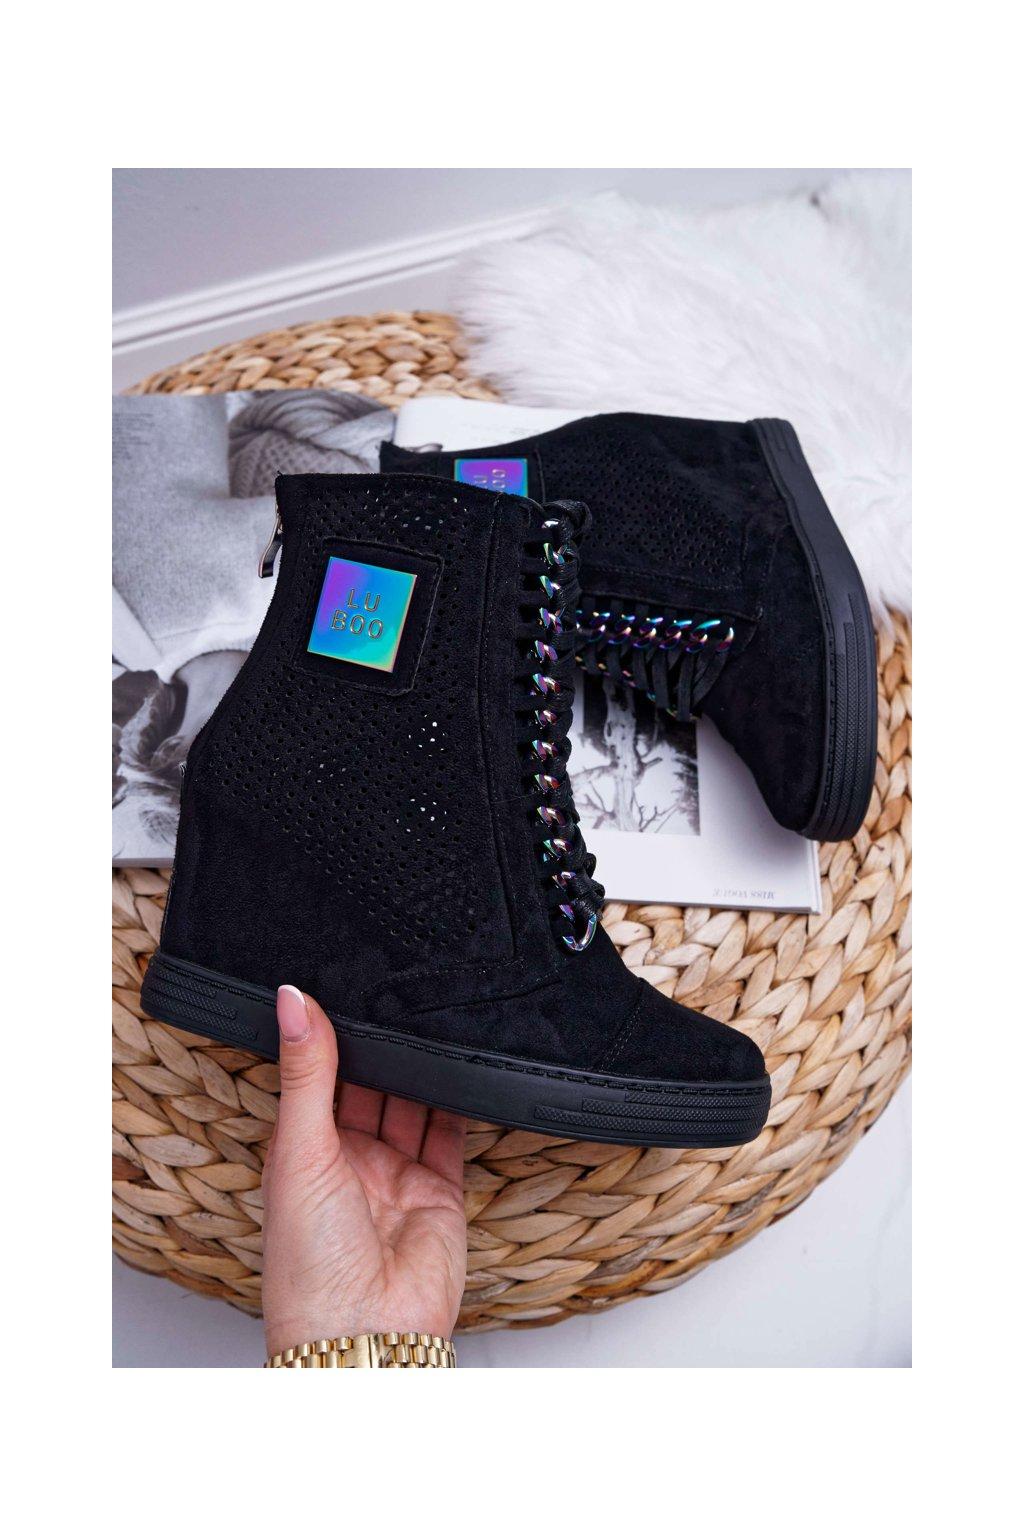 Dámska semišová Obuv Sneakers Lu Boo sieťované, čierne Clamma